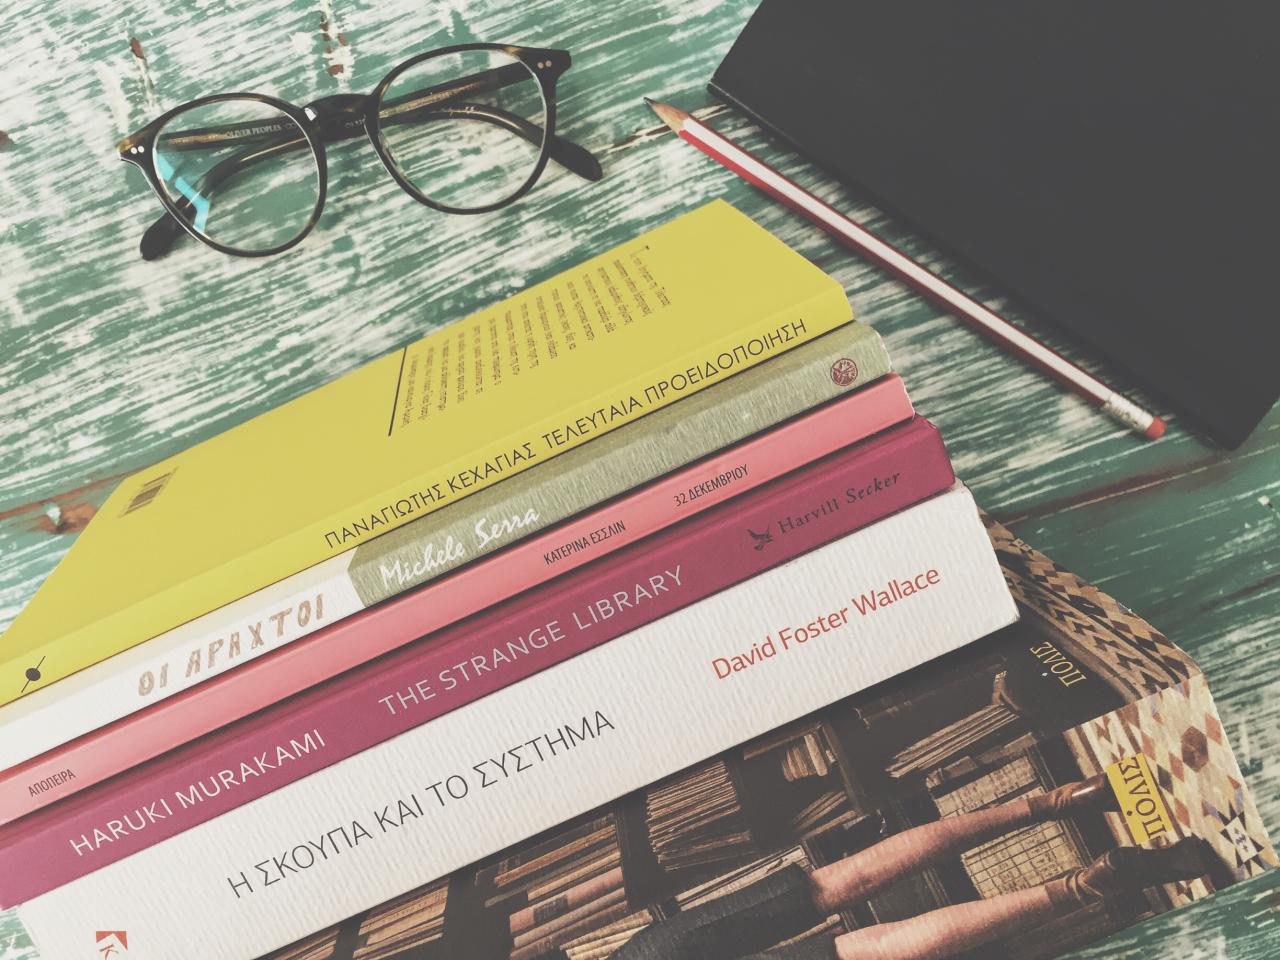 Τα βιβλία των διακοπών